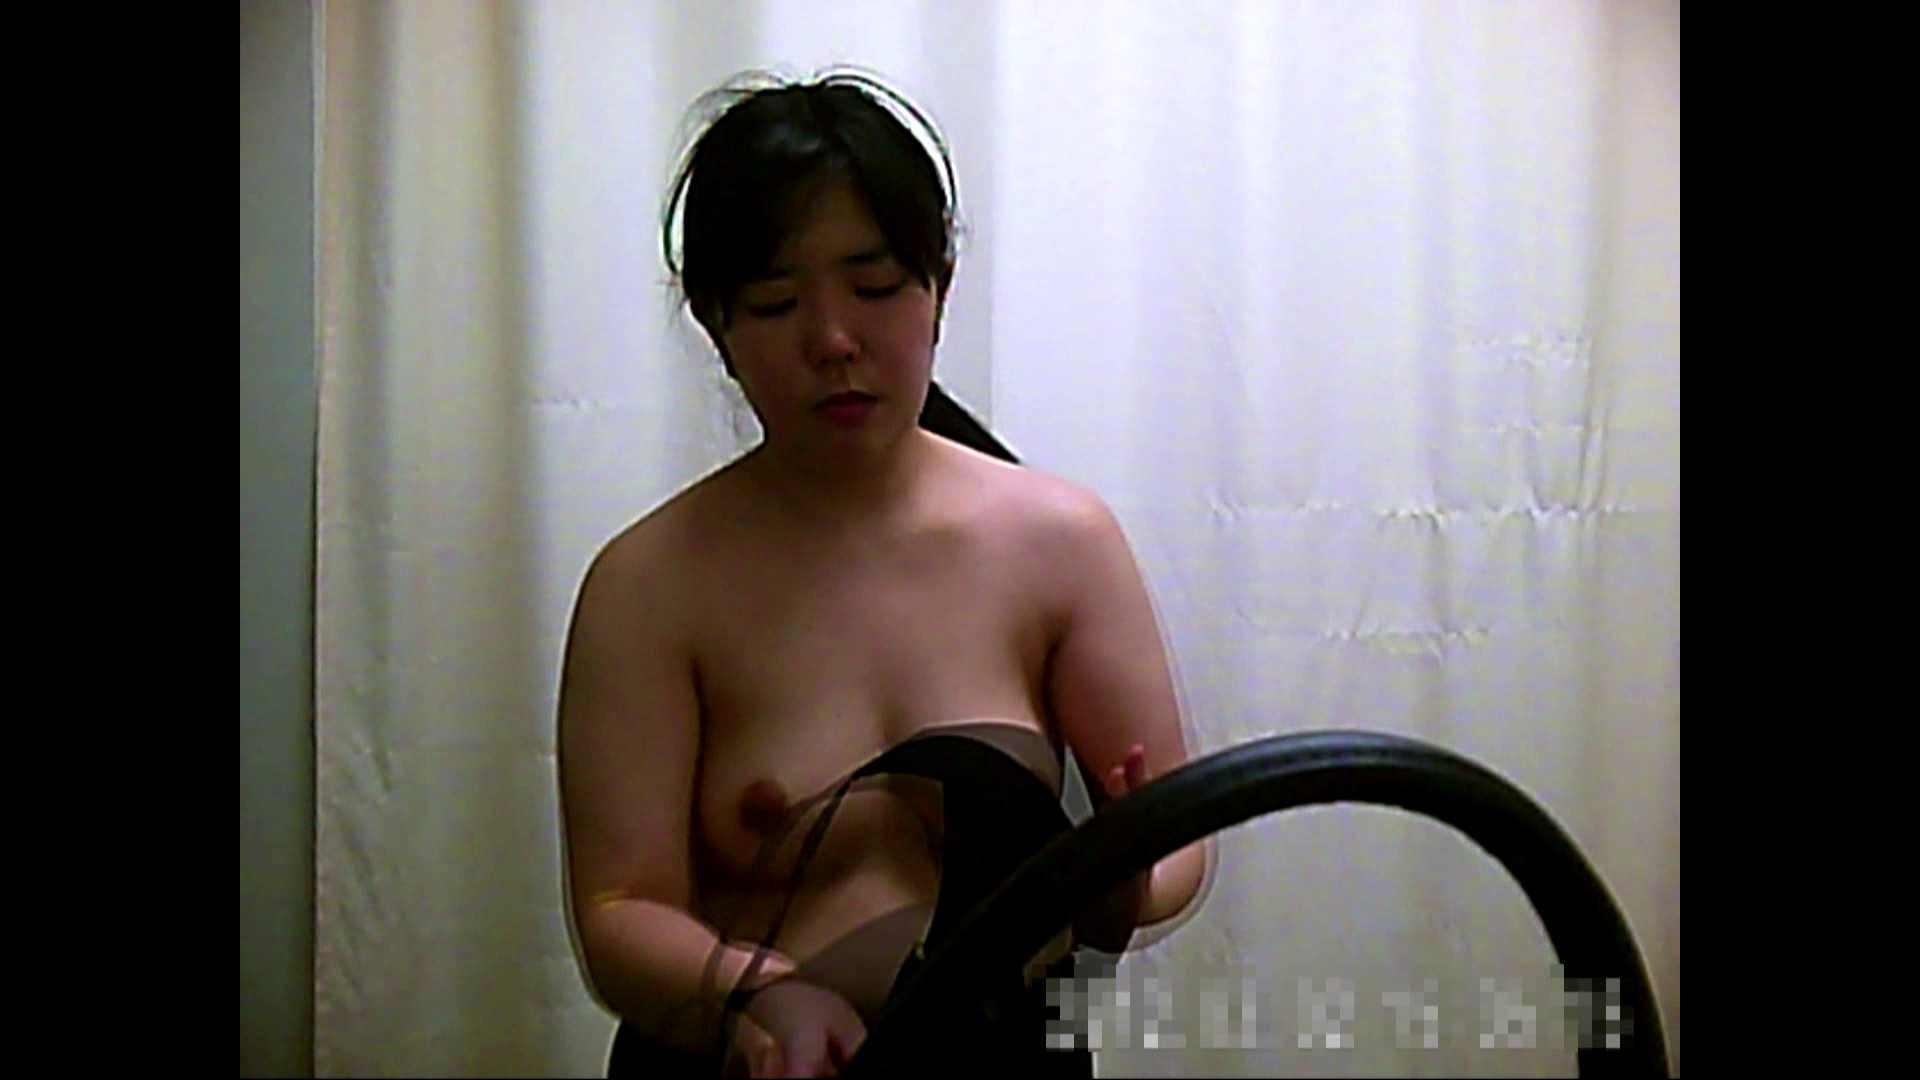 元医者による反抗 更衣室地獄絵巻 vol.033 ギャル  76PIX 9